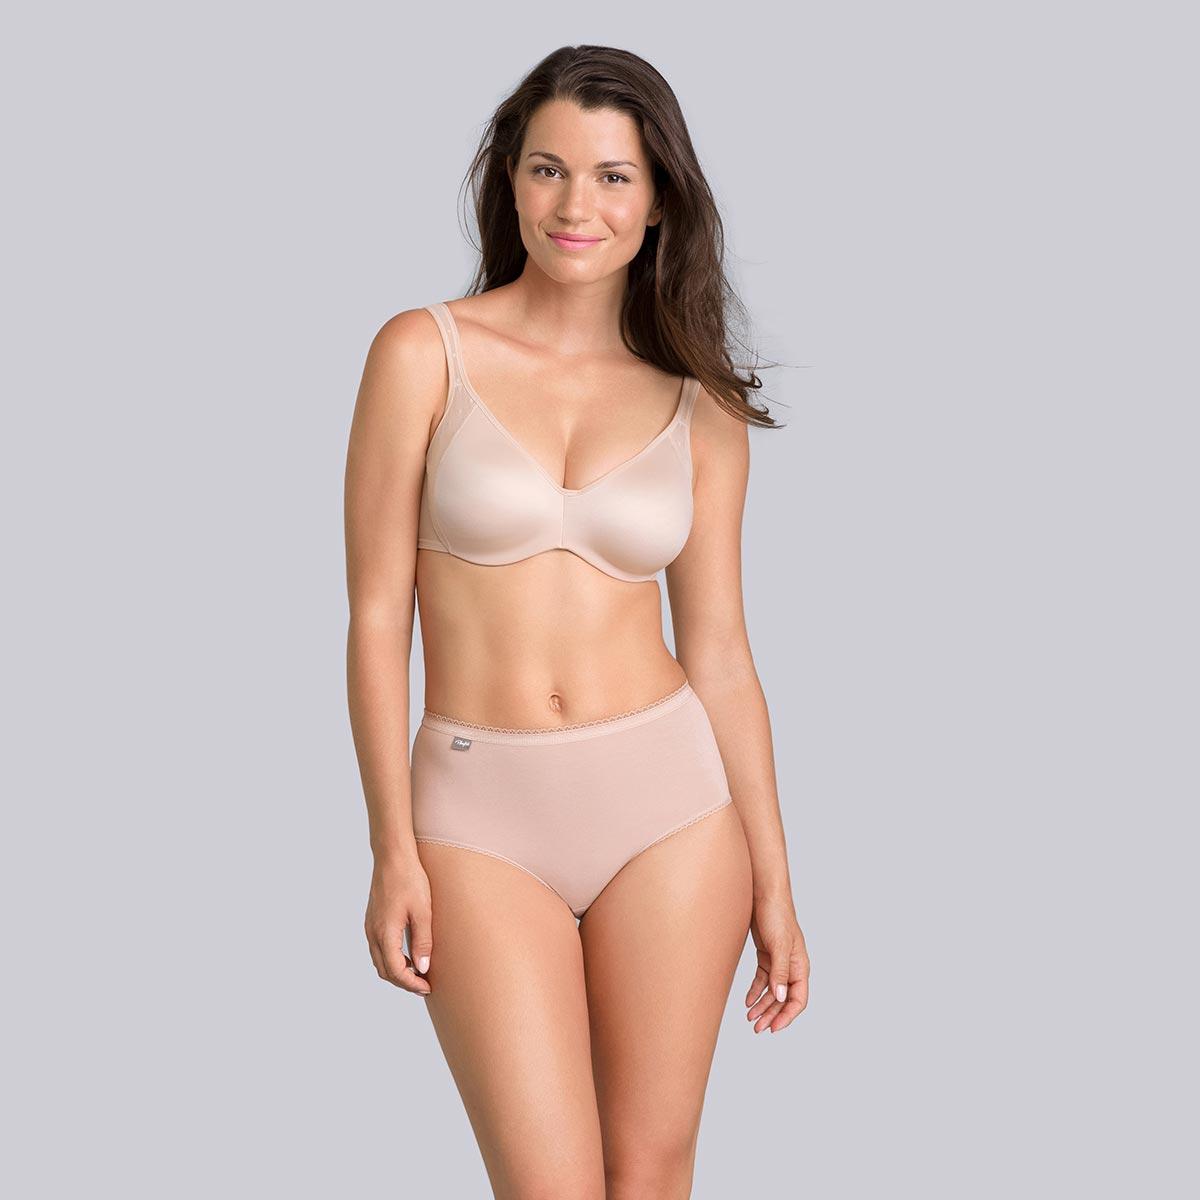 Minimiser Bra in Nude - Expert in Silhouette-PLAYTEX